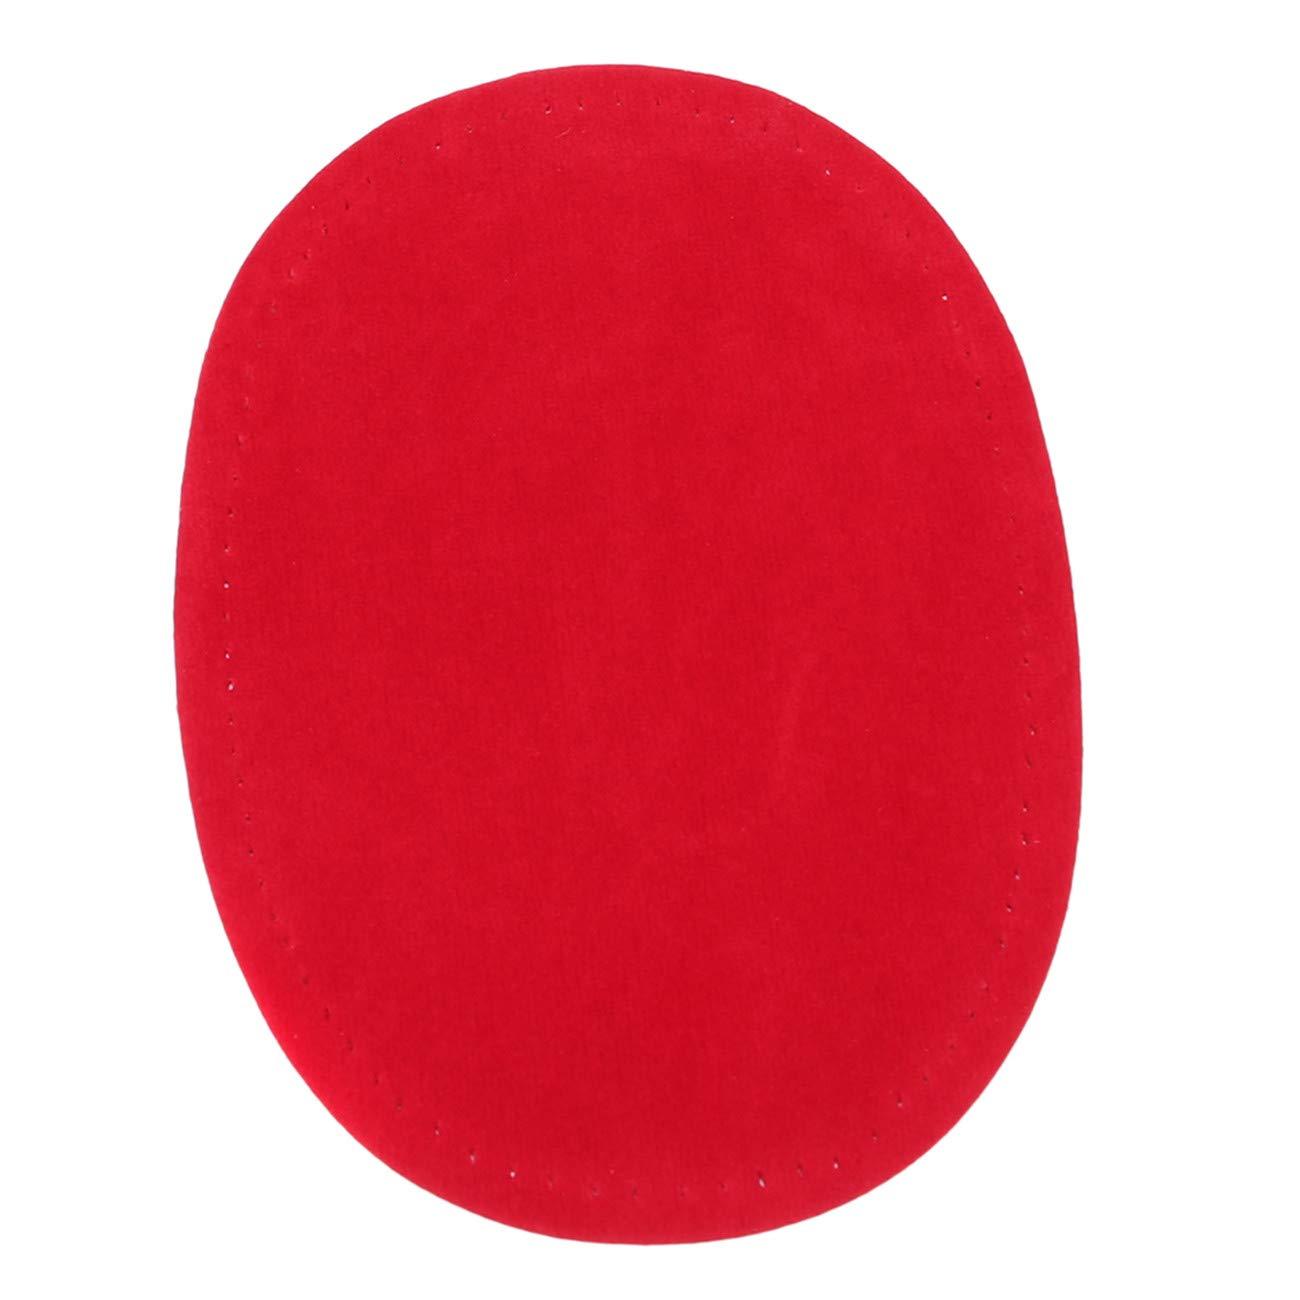 Rouge Bigsweety Cuir Imitation Daim Coudre Le Fer sur Les Patchs Ovale Genou Coude Autocollant Outil De V/êtements De Bricolage